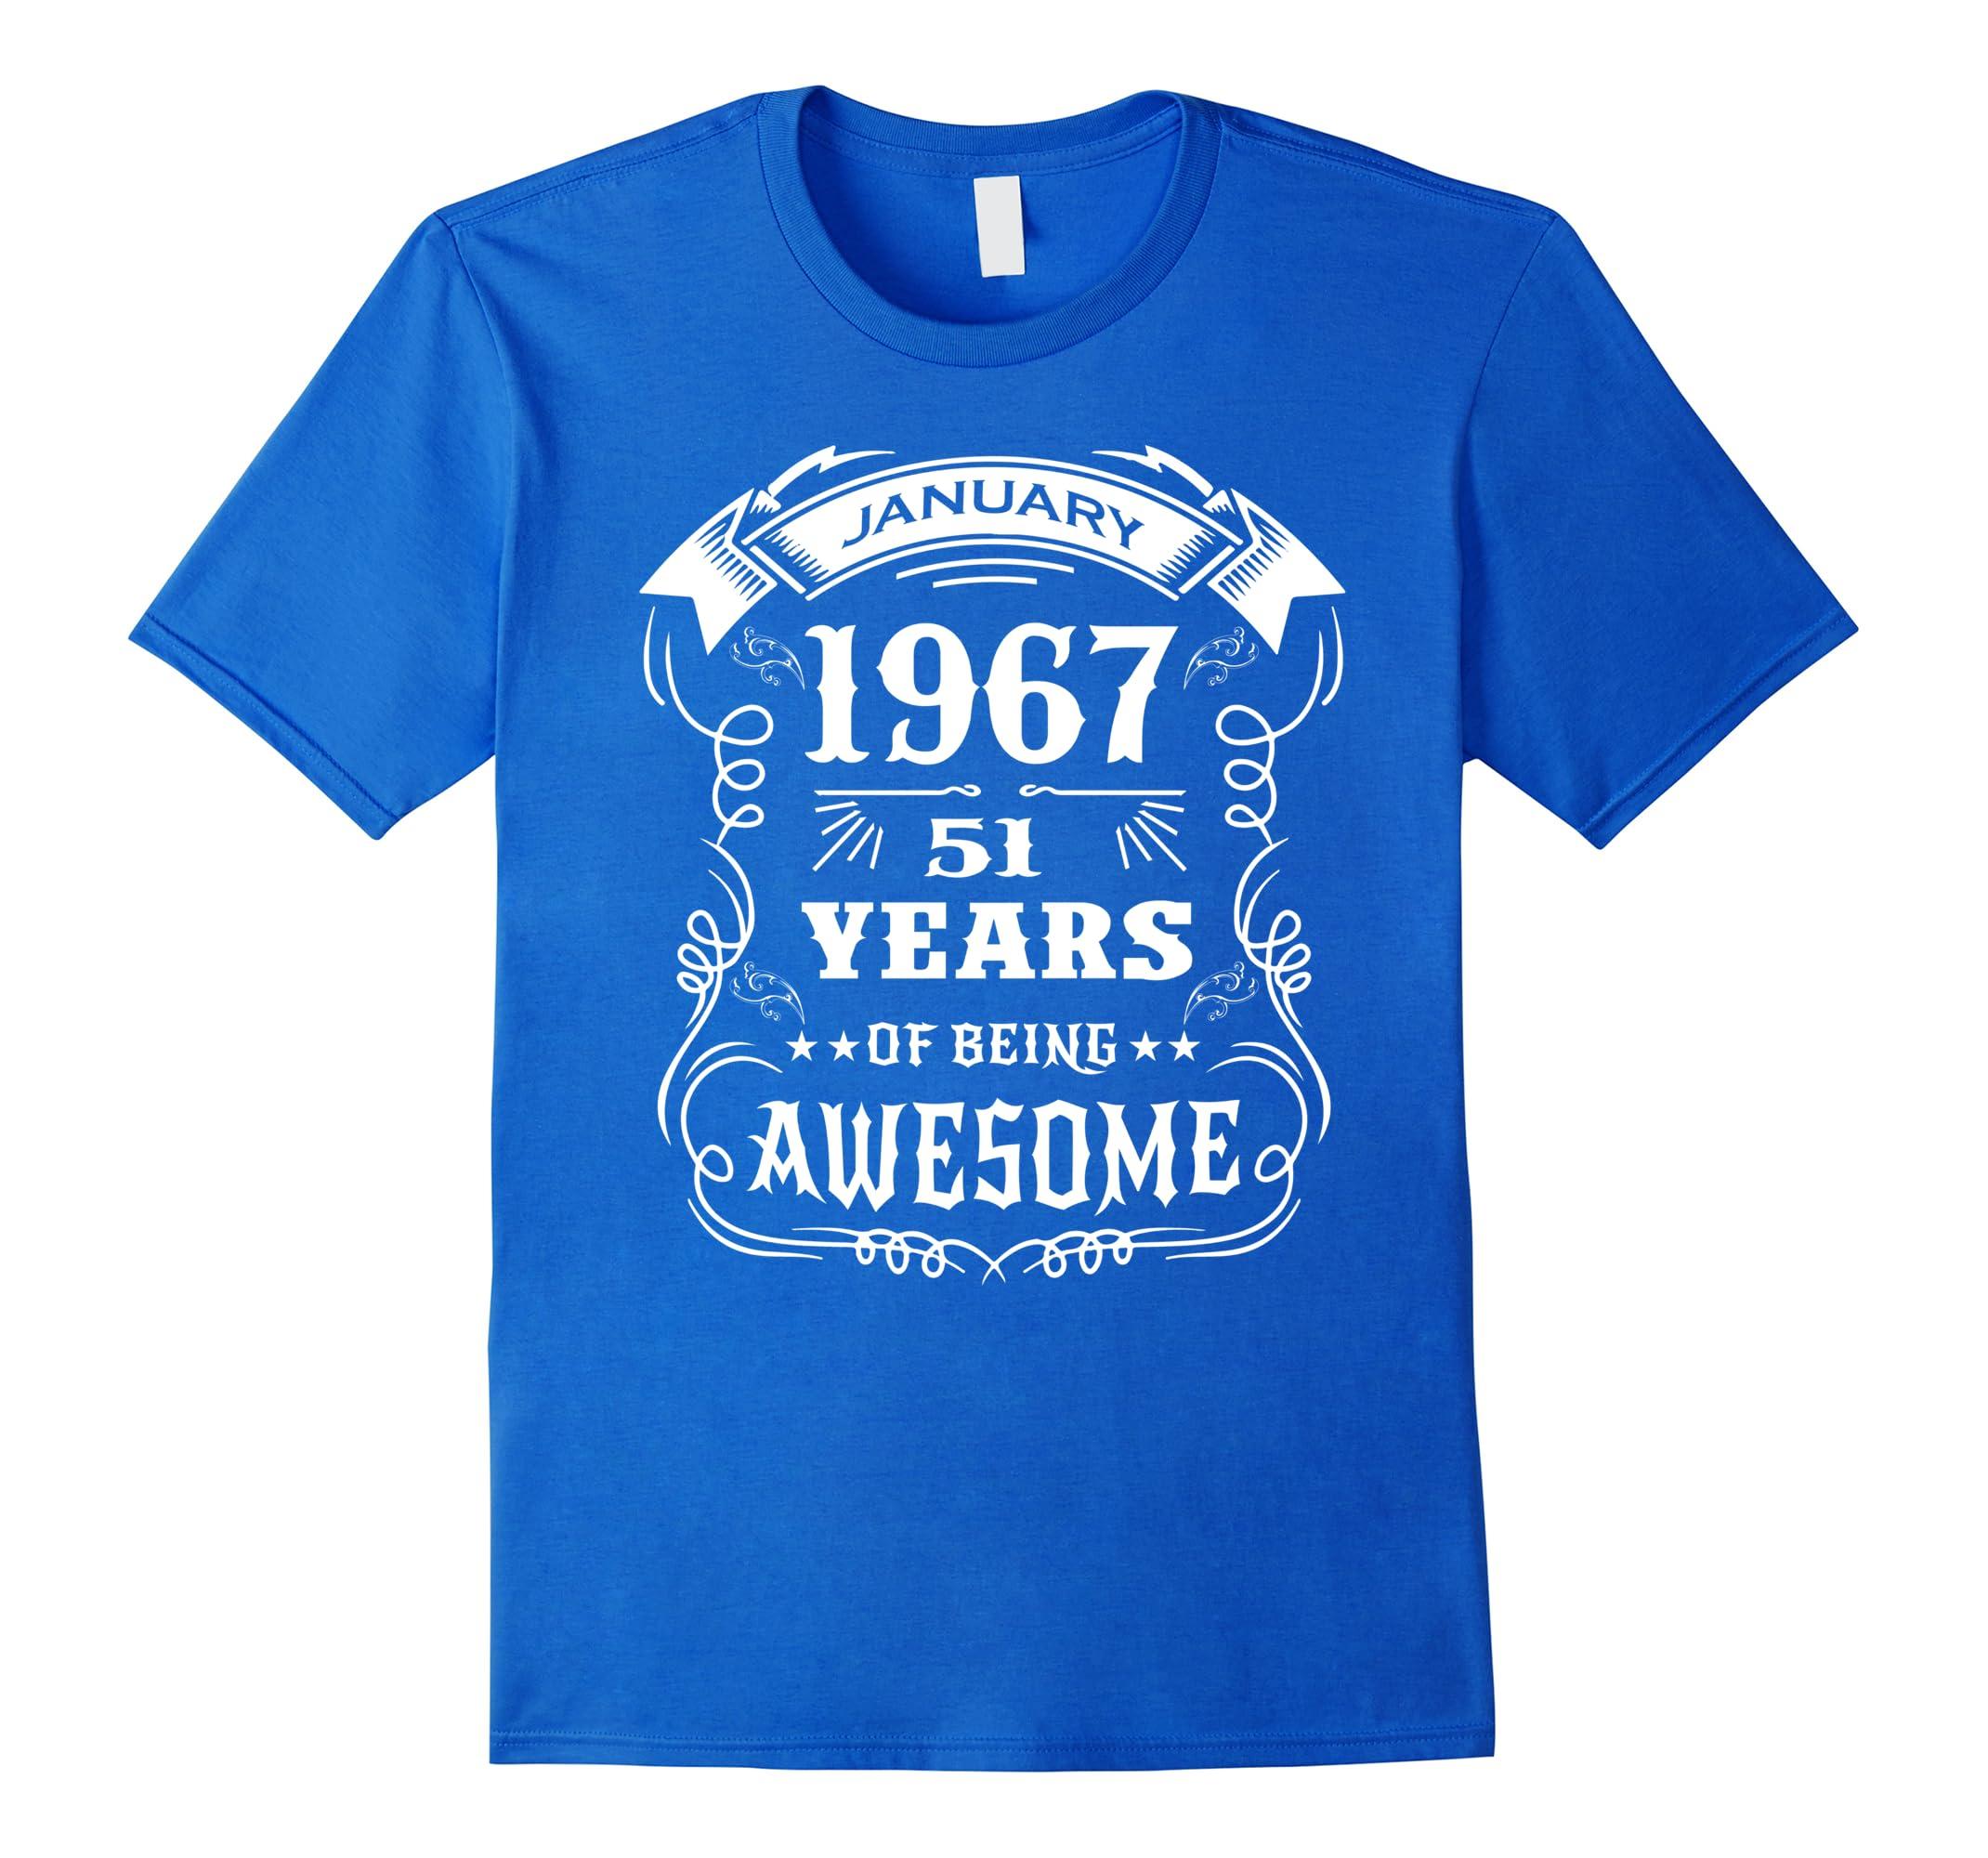 c0e7ffa45 51st Birthday Gift – Born in January 1967 T-Shirt-RT – Rateeshirt